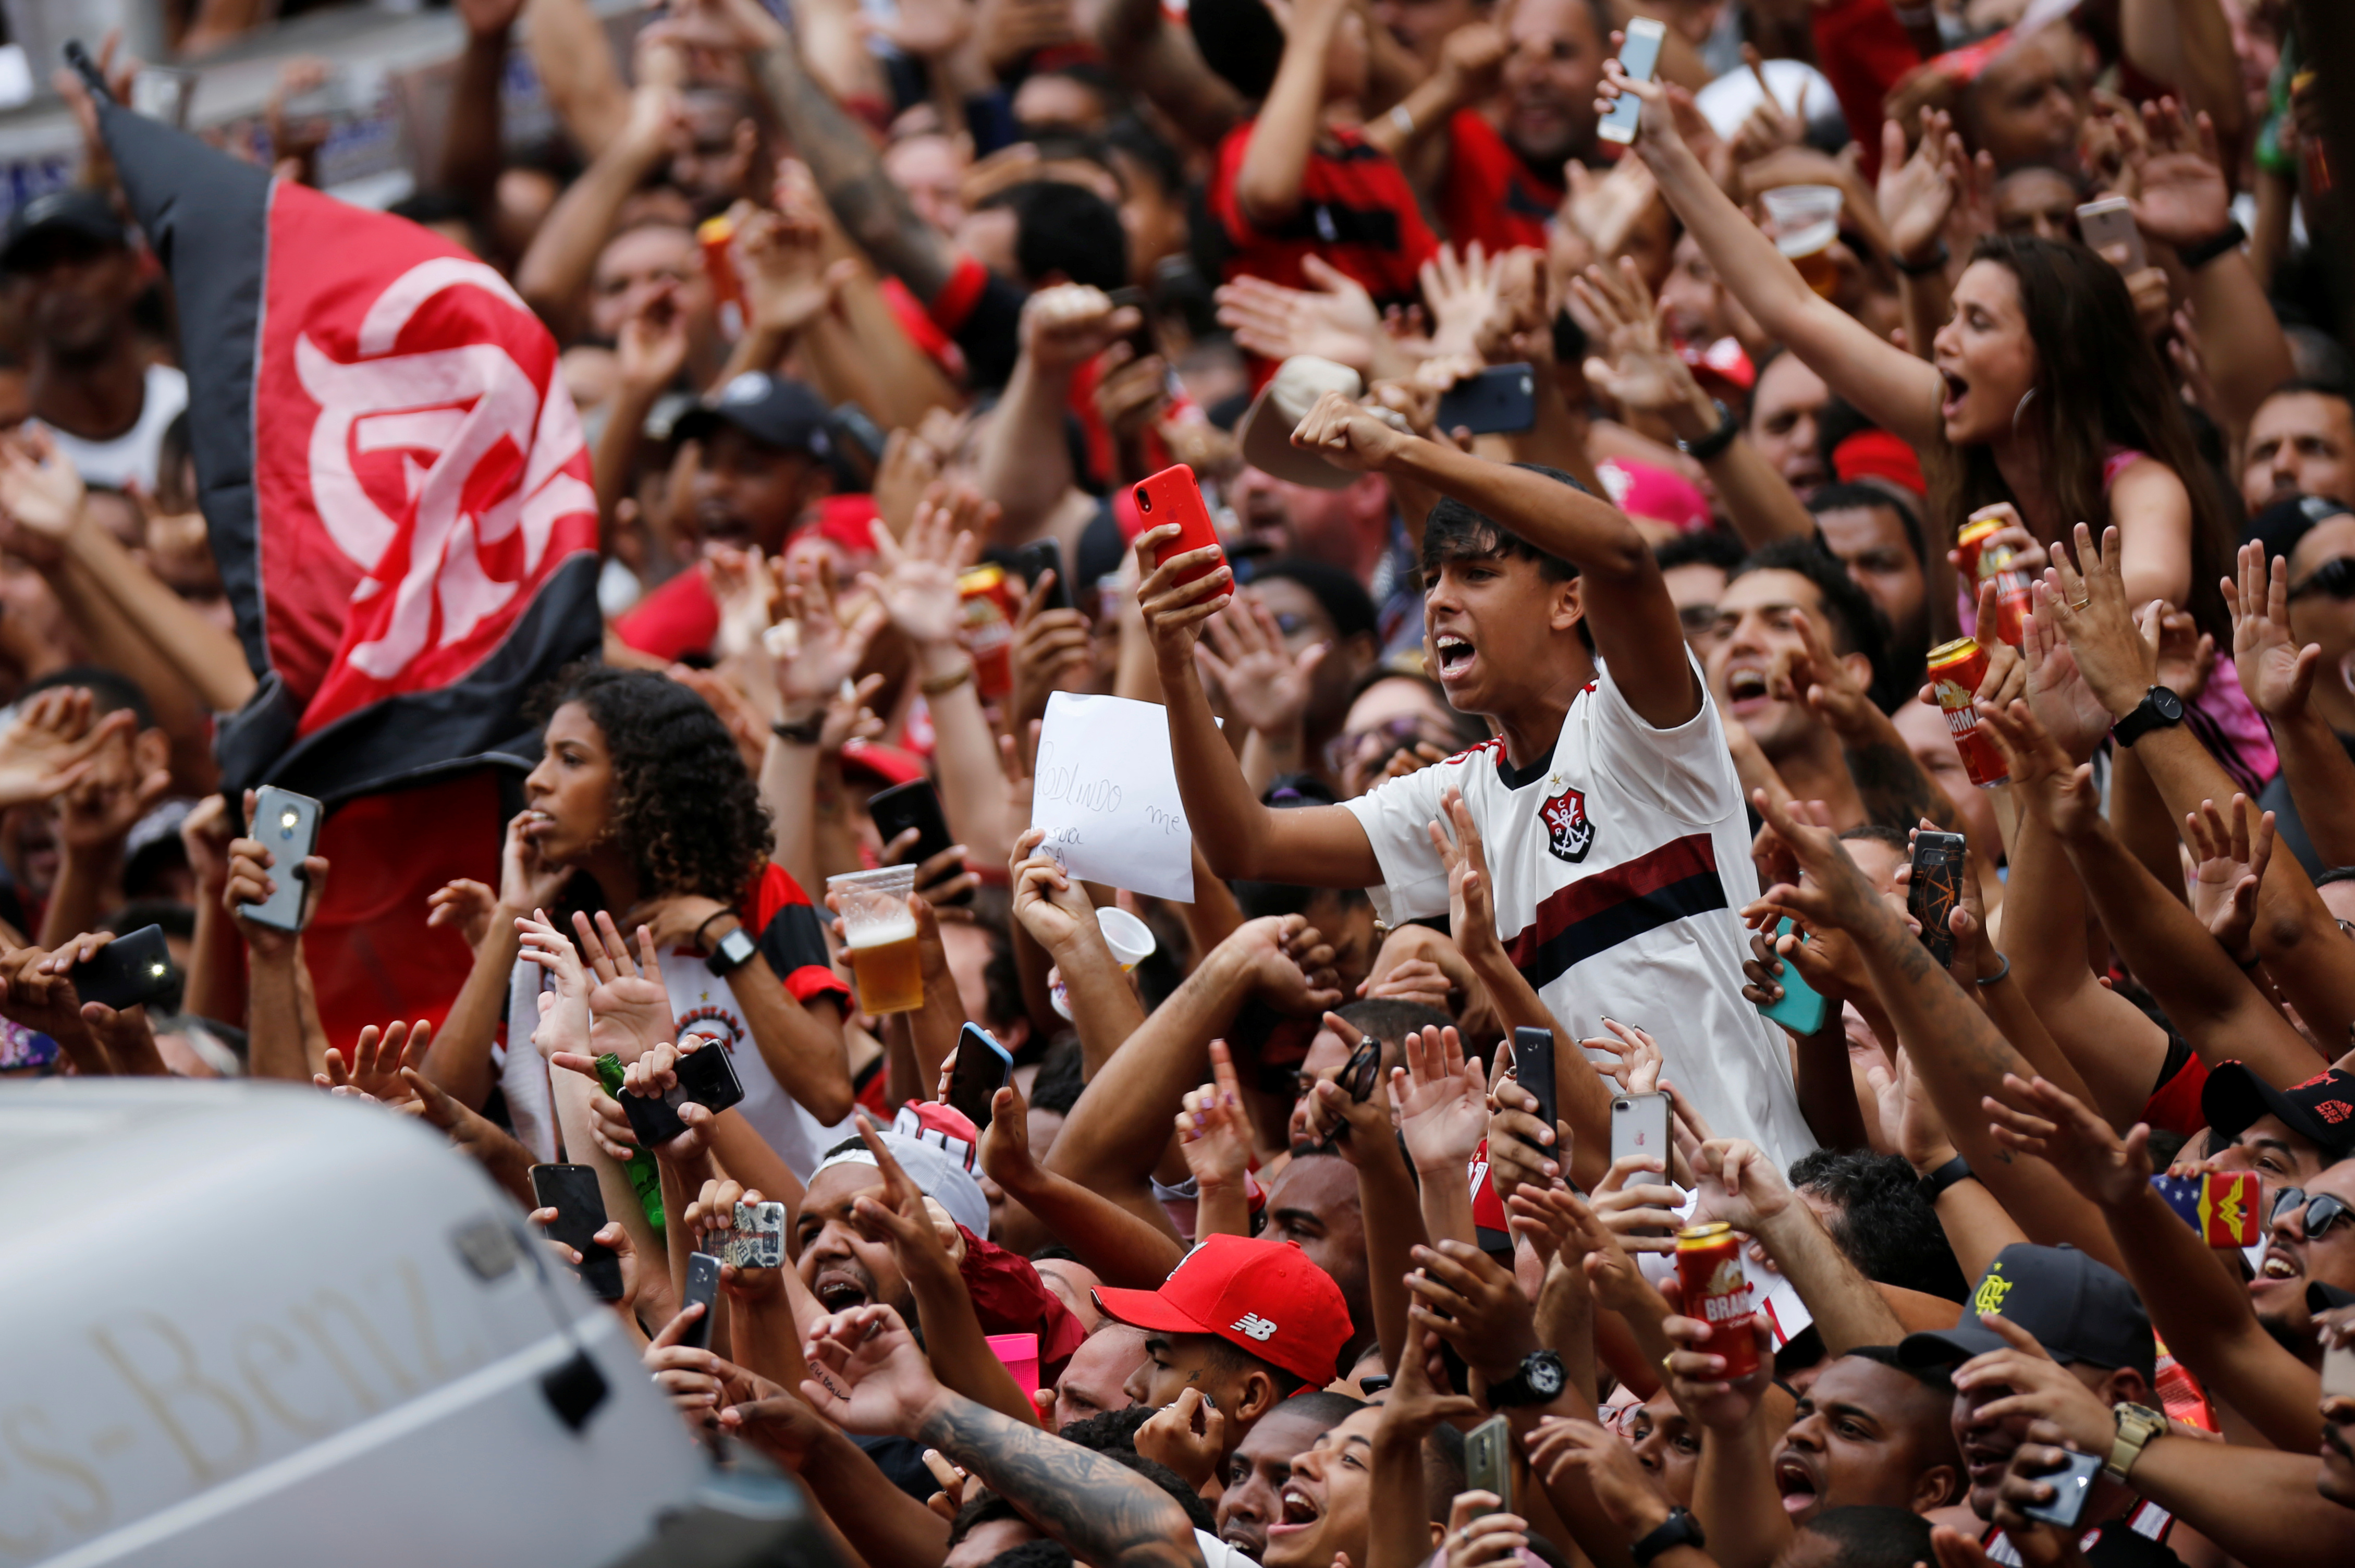 Flamengo conquistó la Copa Libertadores 38 años después de su primer y único título. Durante ese tiempo, sus rivales brasileños habían ganado cinco de las últimas 10 ediciones del torneo sudamericano.